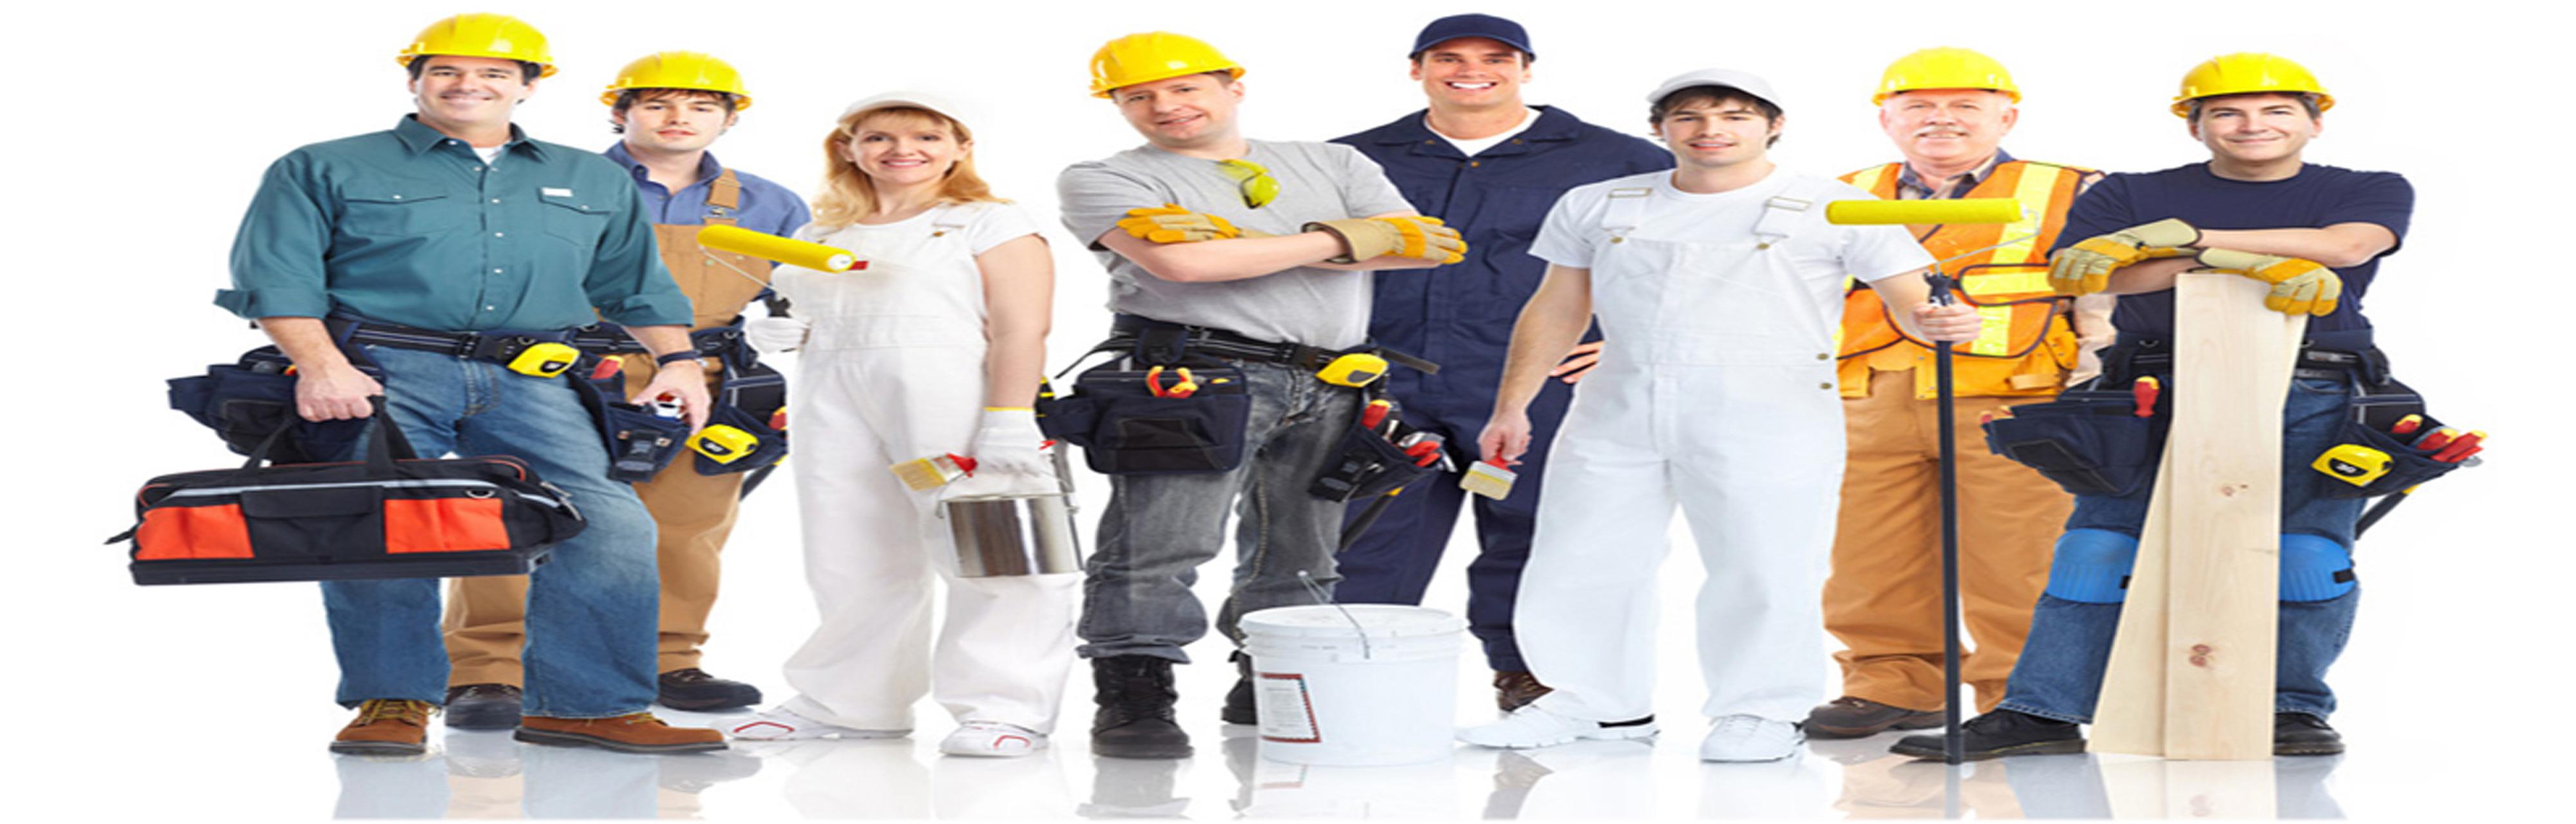 Artisans cherche chantier batiment Devis Services